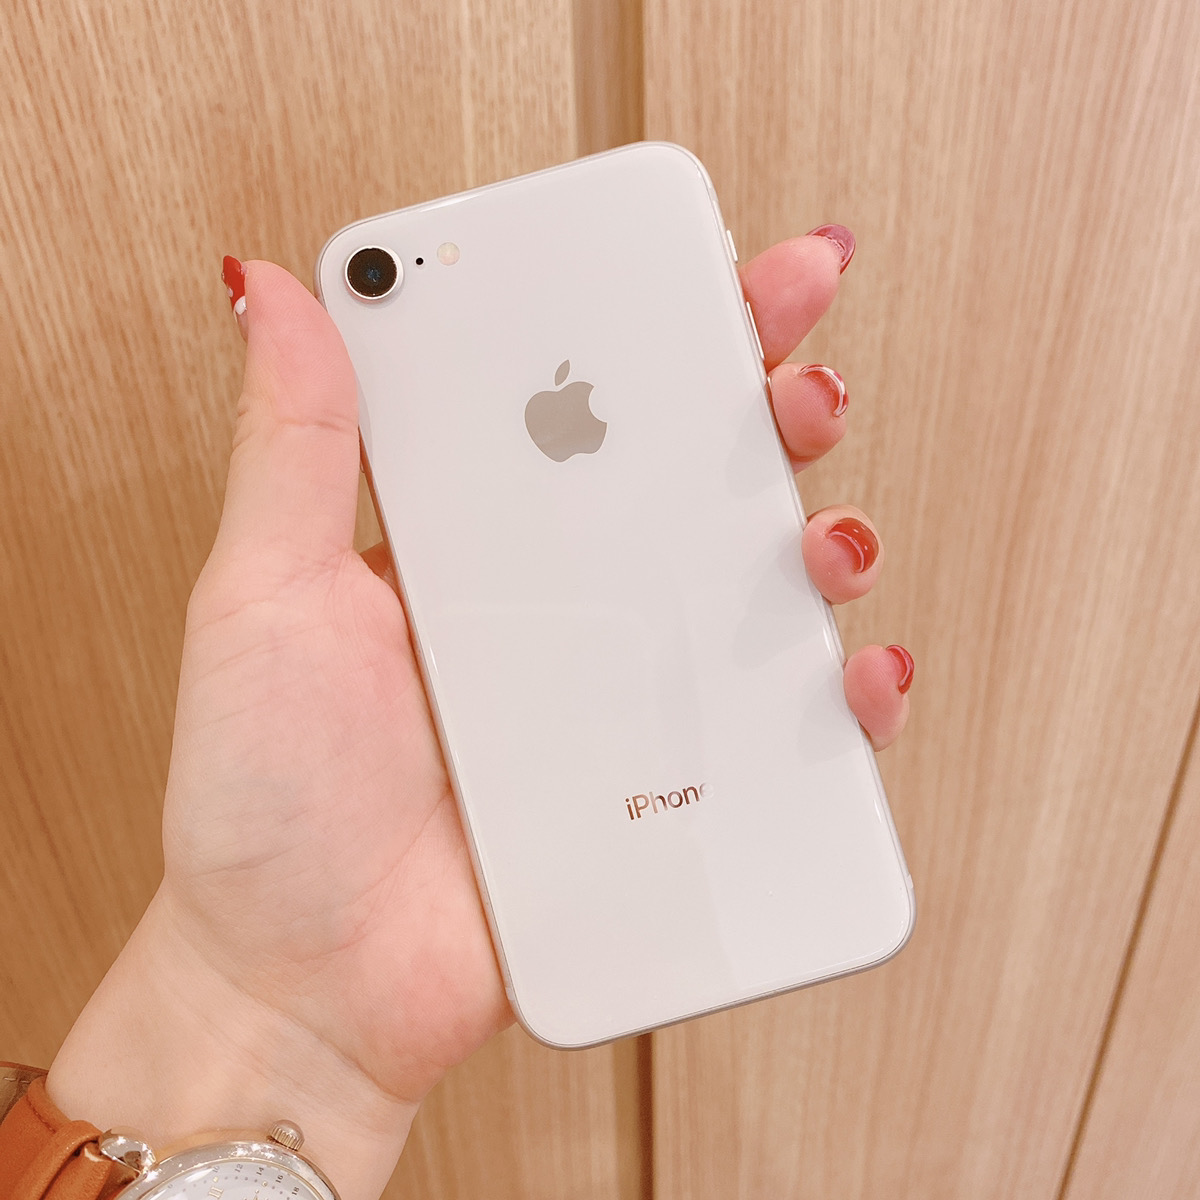 iPhone8 64GB シルバー Docomo〇 中古